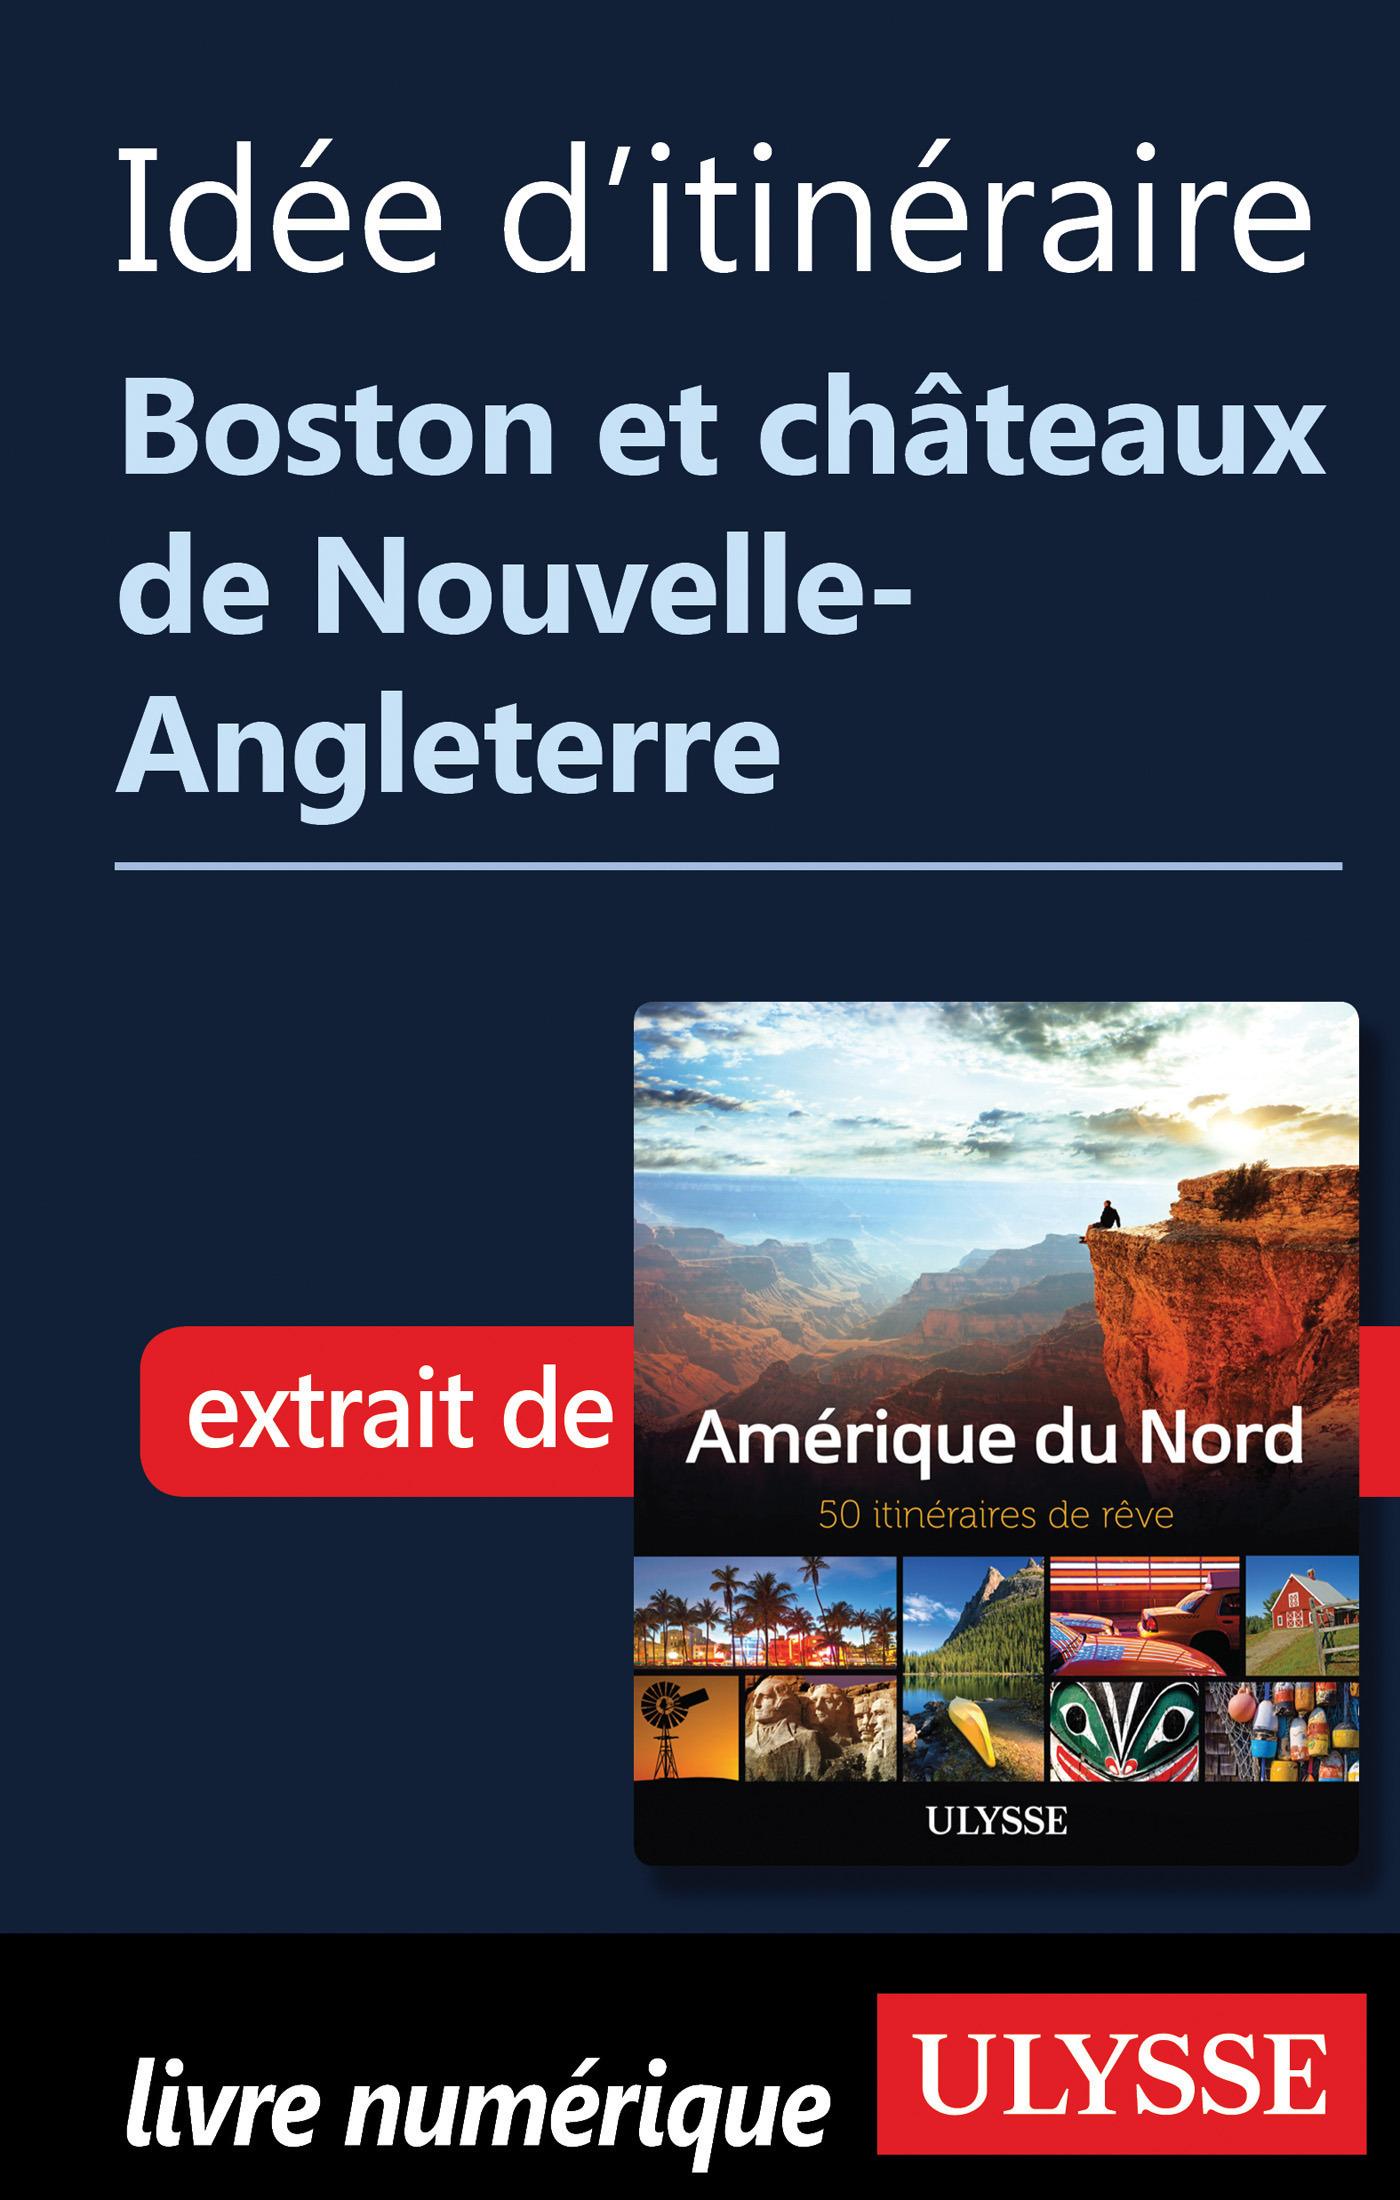 Idée d'itinéraire - Boston et châteaux de Nouvelleangleterre